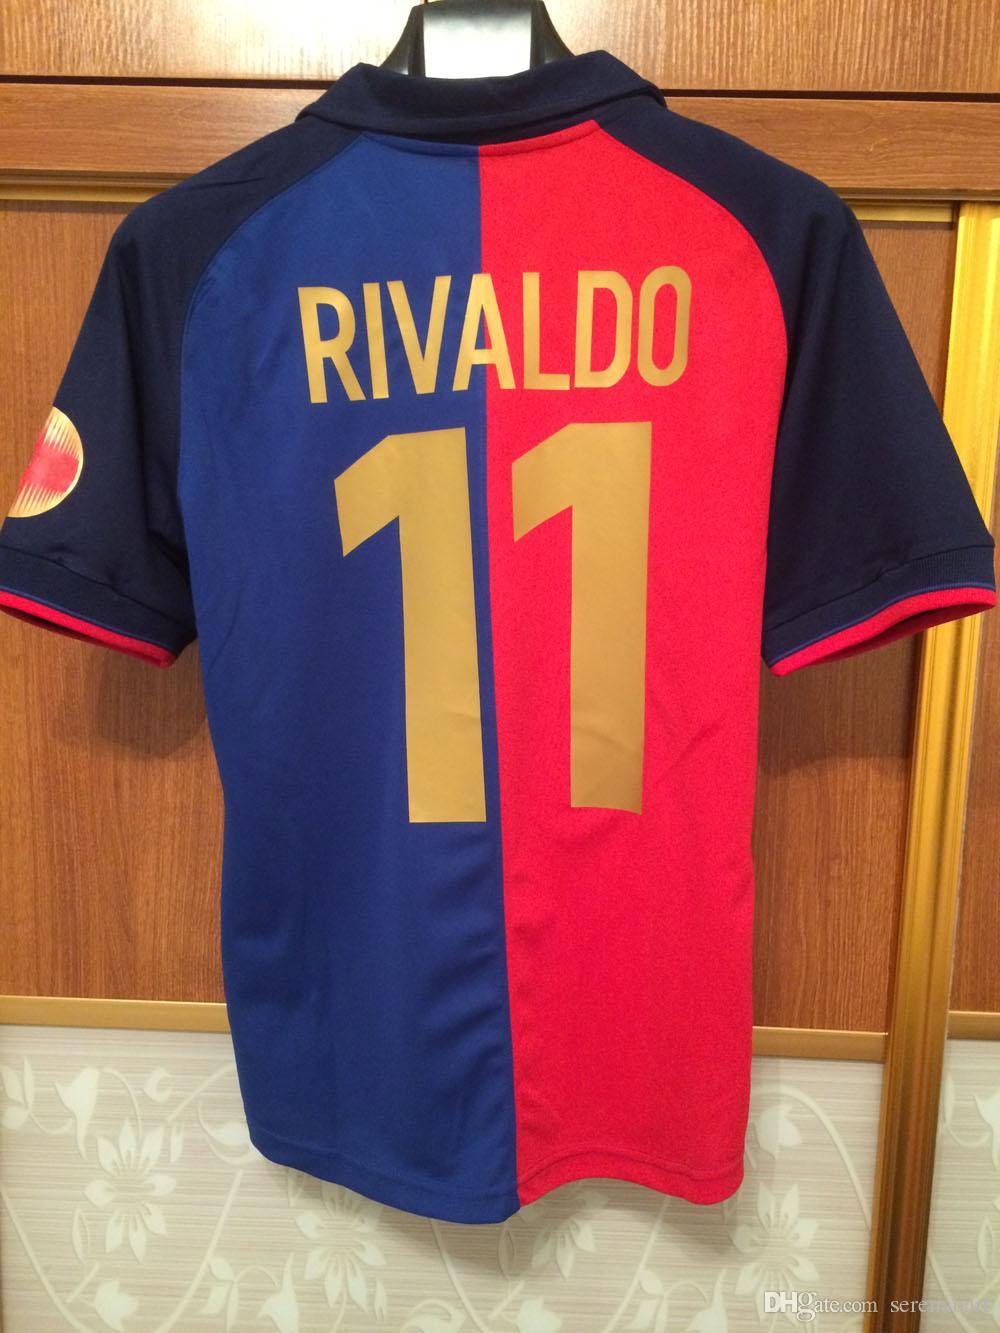 new products 92c91 3ce4c 1998-1999 Centennial Edition Vintage Jerseys Retro Jersey Rivaldo Litmanen  Enrique Guardiola Kluivert Retor Classic Shirts